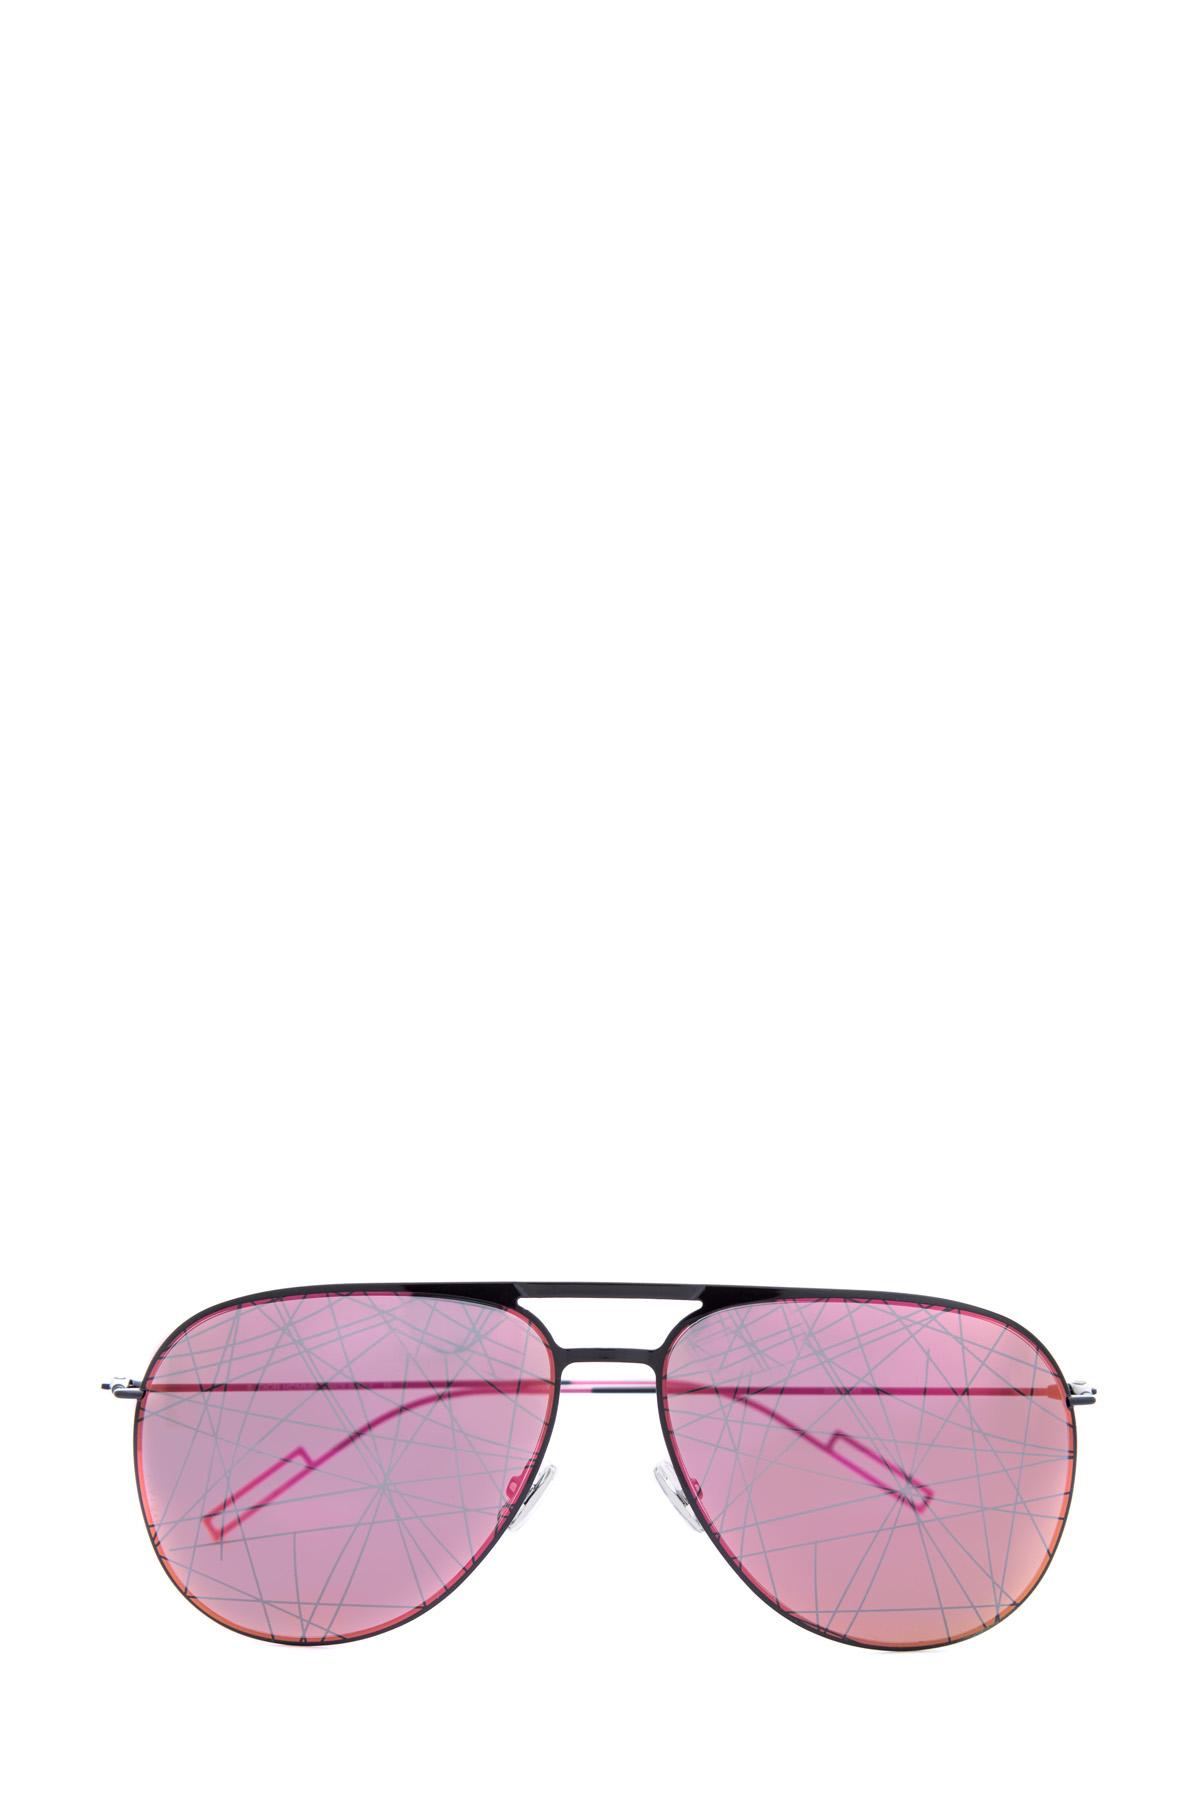 мужские солнцезащитные очки dior (sunglasses) men